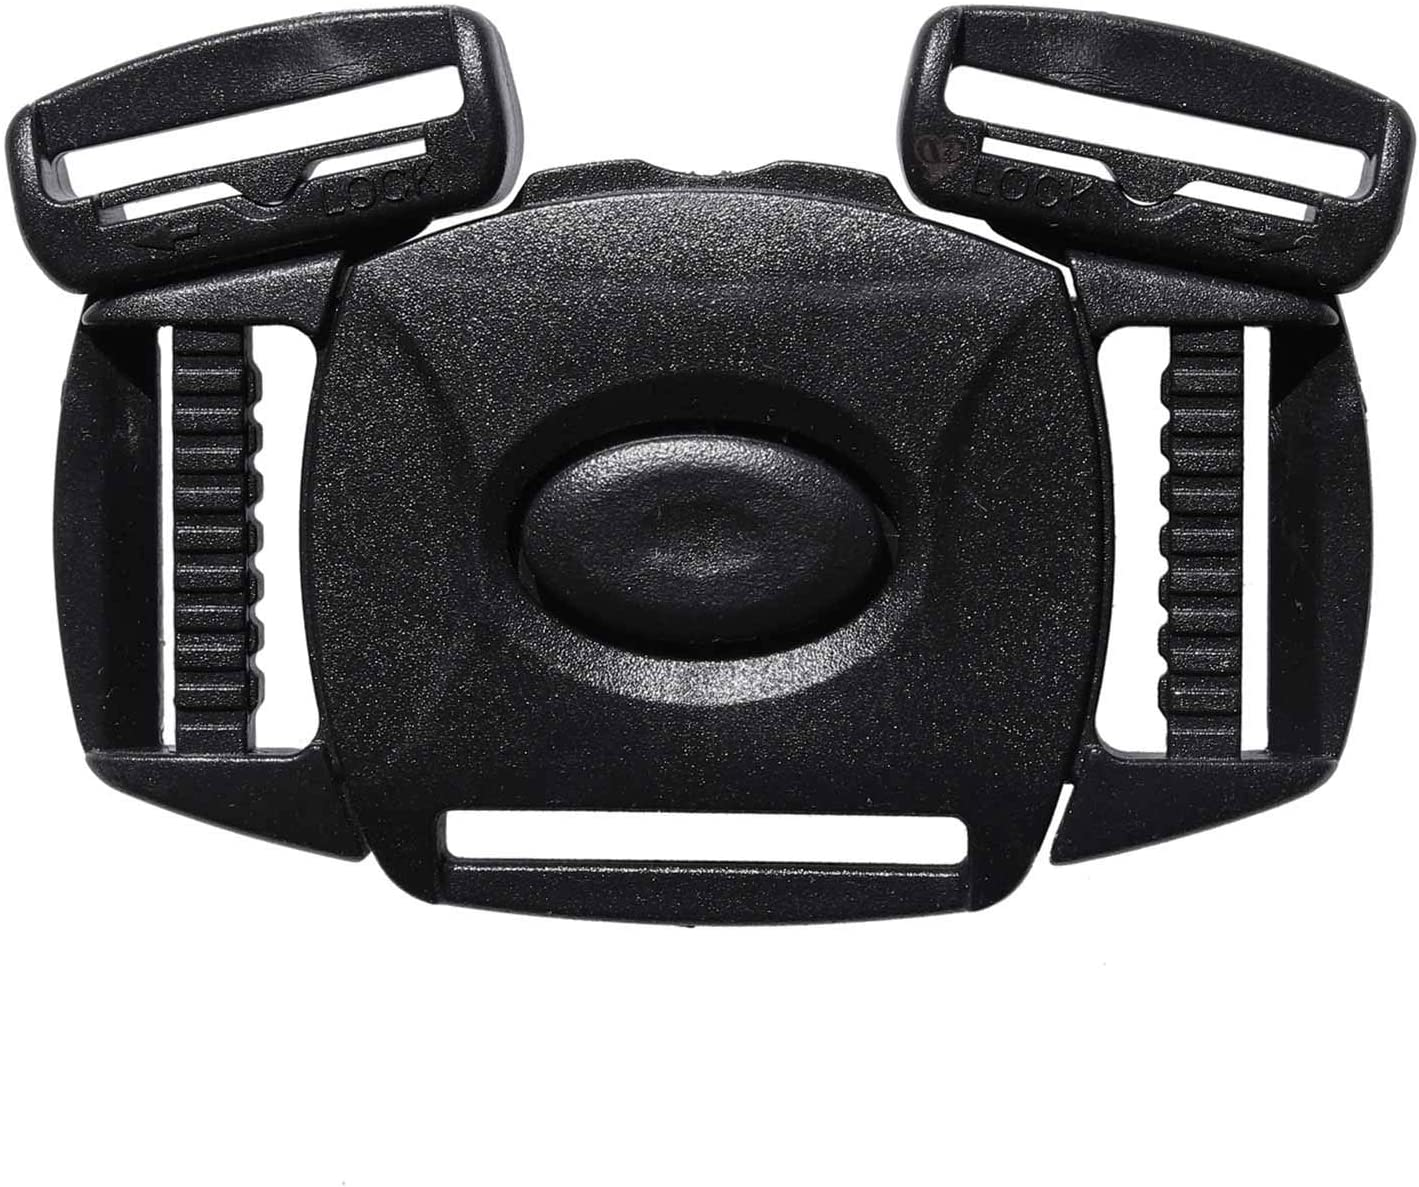 maDDma 1 Steckverschluss 5-Punkt-Sicherheitsgurt Verschluss Gurtschlie/ße Steckschlie/ße Variante:Variante 1